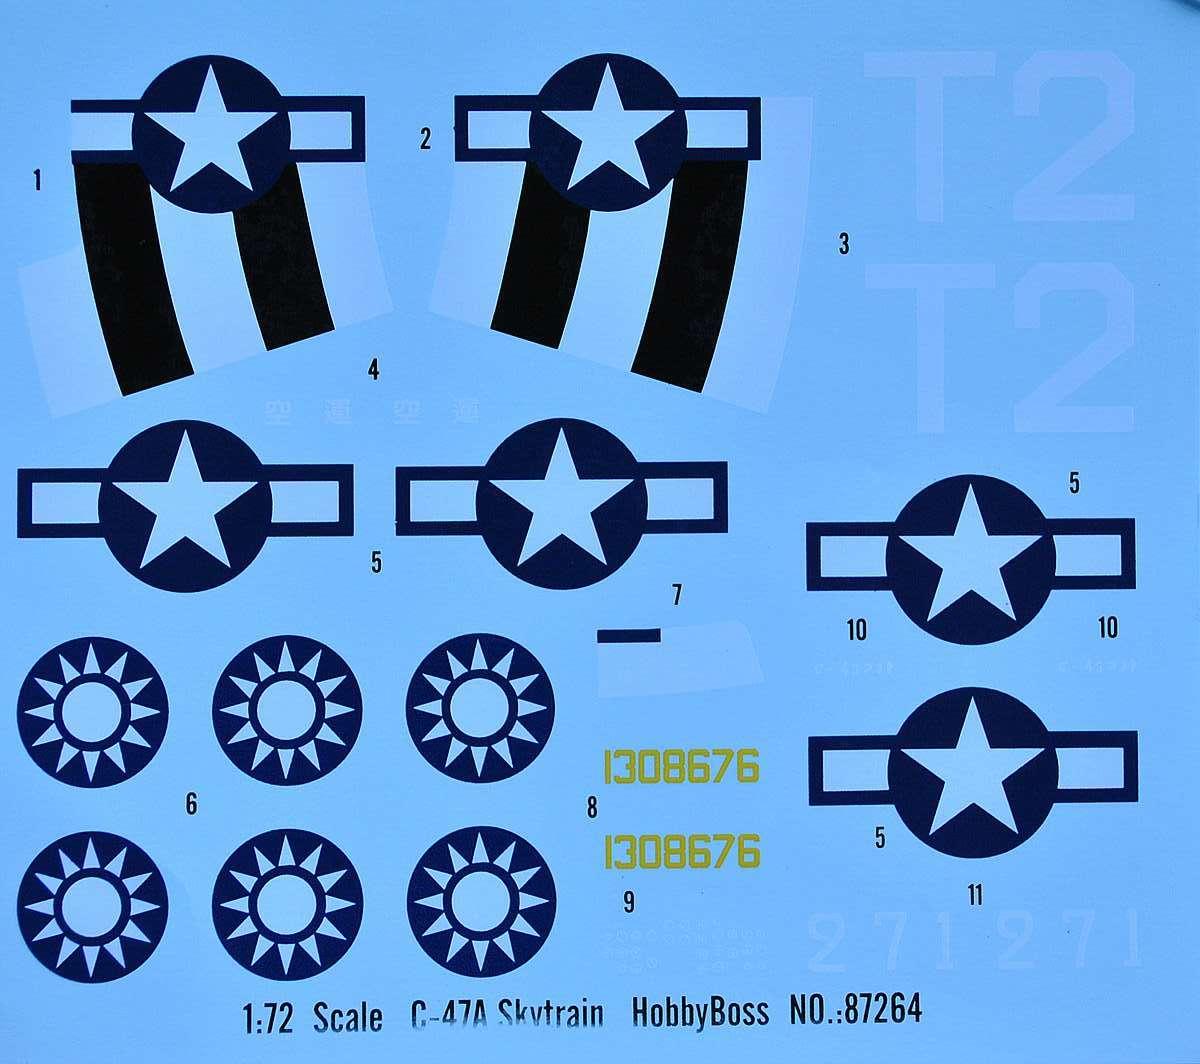 HobbyBoss-87264-C-47A-Skytrain-52 C-47A Skytrain von Hobby Boss in 1:72 (87264)